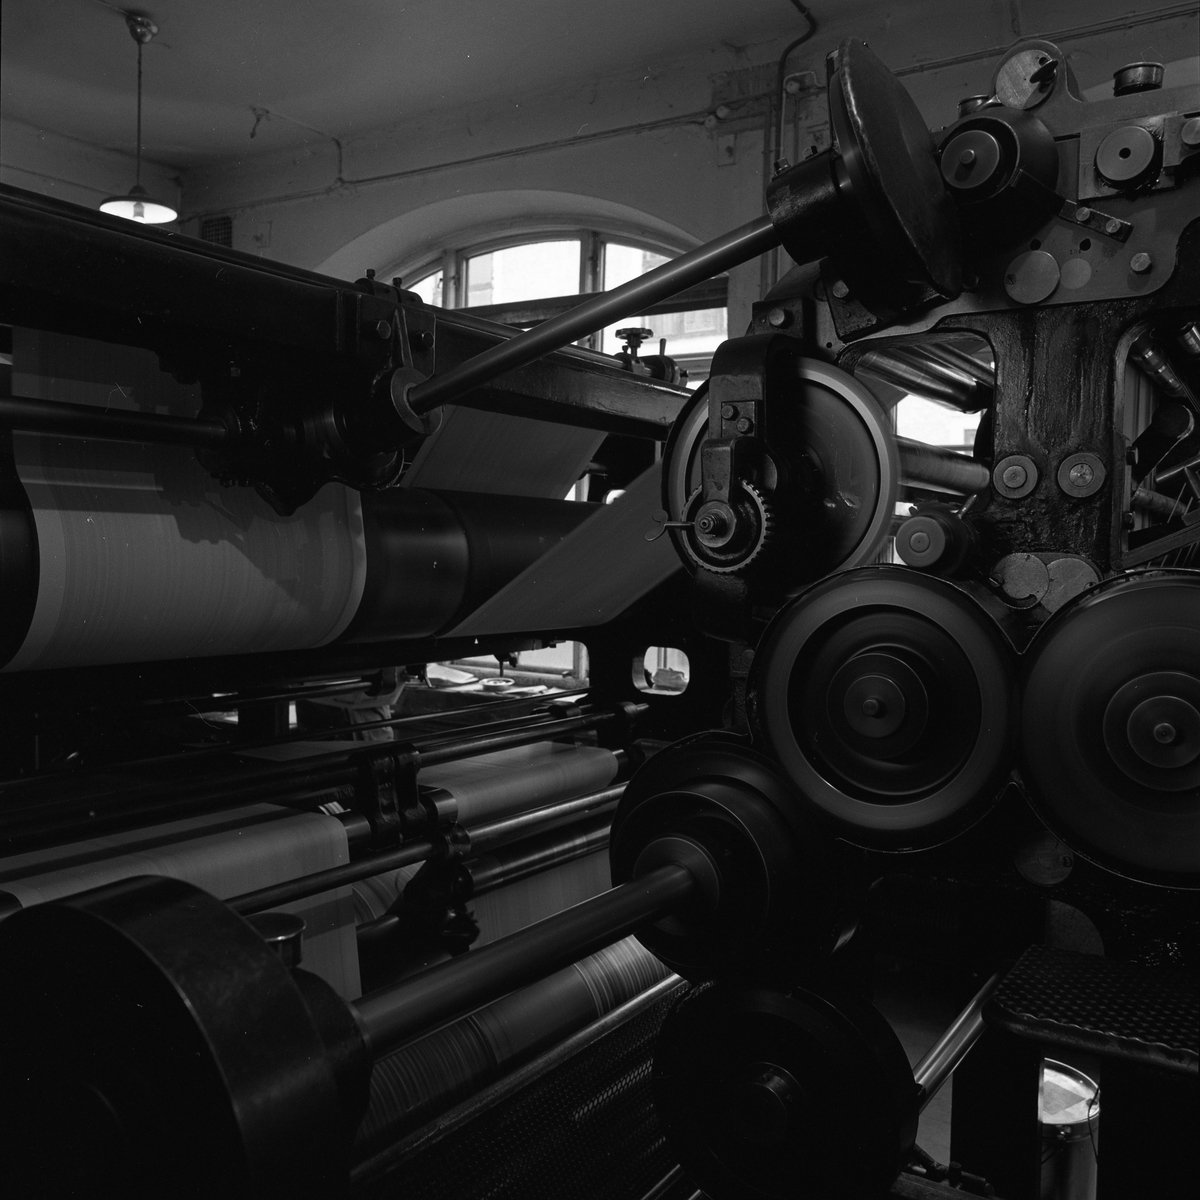 Arboga Tidning, interiör. Den stora tryckpressen matar fram färdiga tidningssidor på pappersrulle.